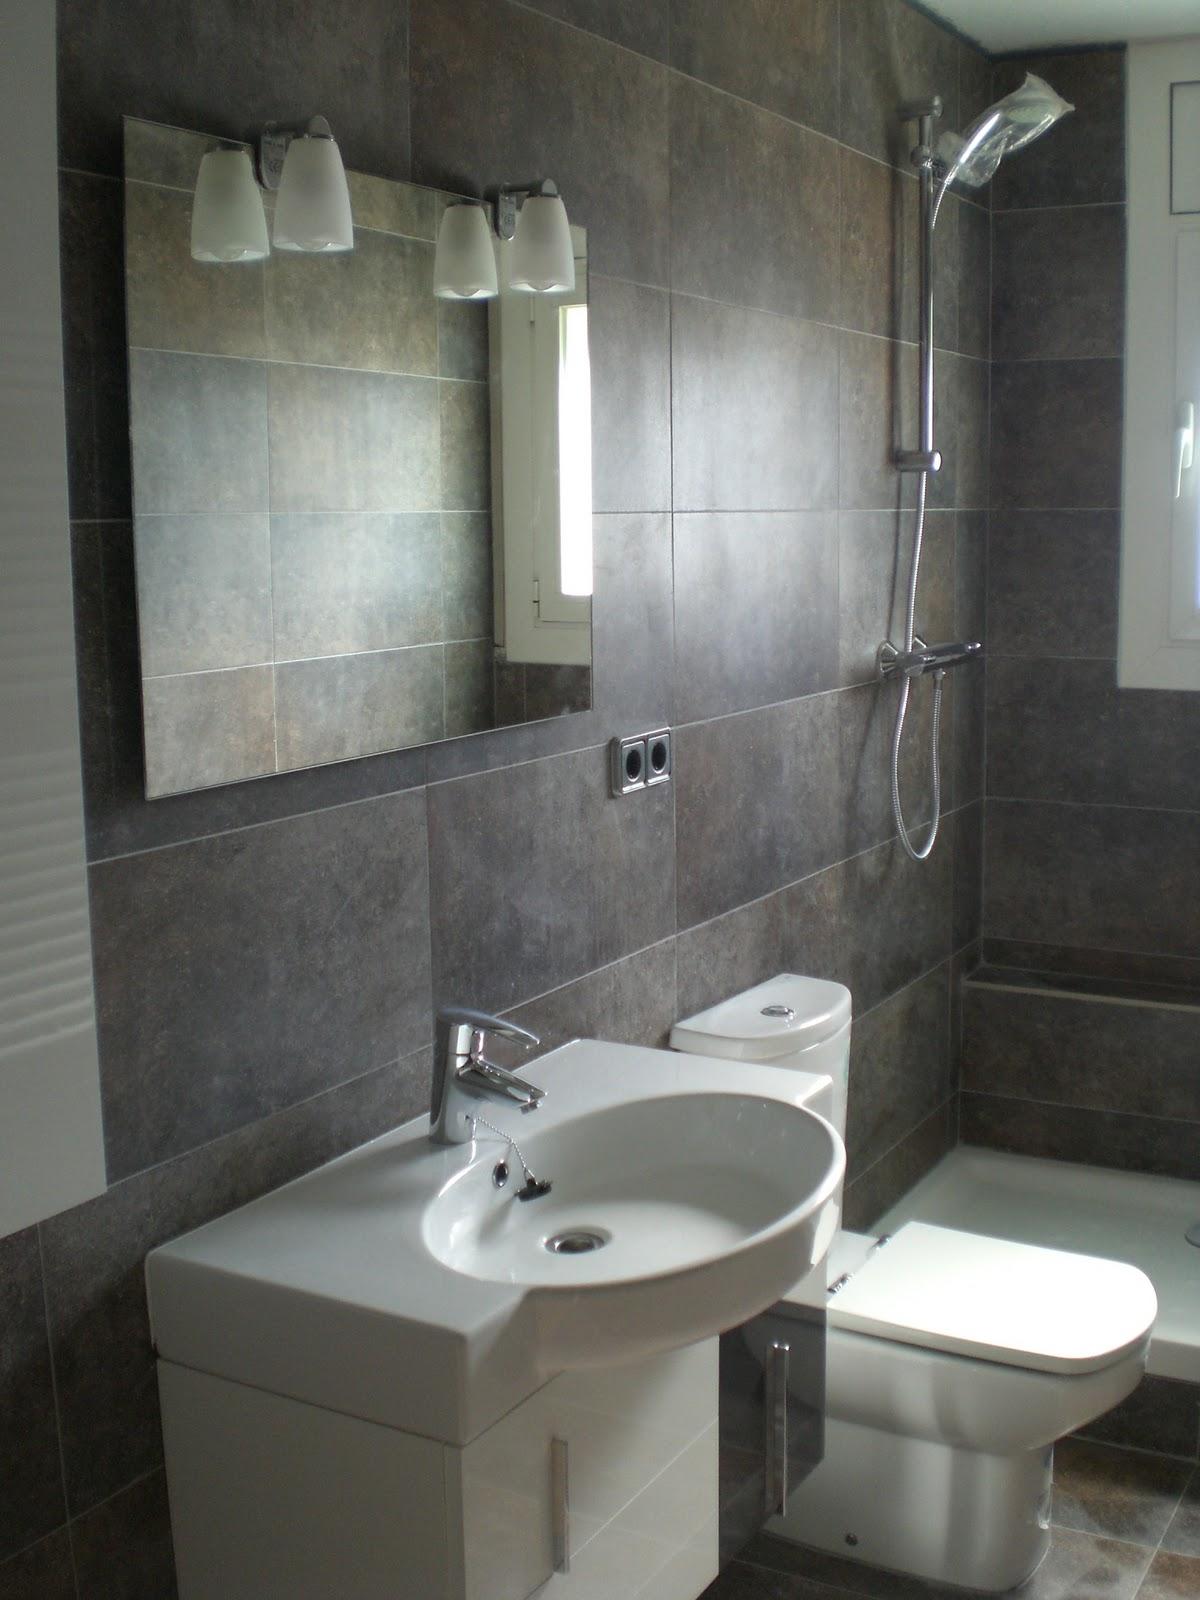 Baño Blanco Piso Gris:FAIÇO Interiorisme: Baño en Vilanova y la Geltru